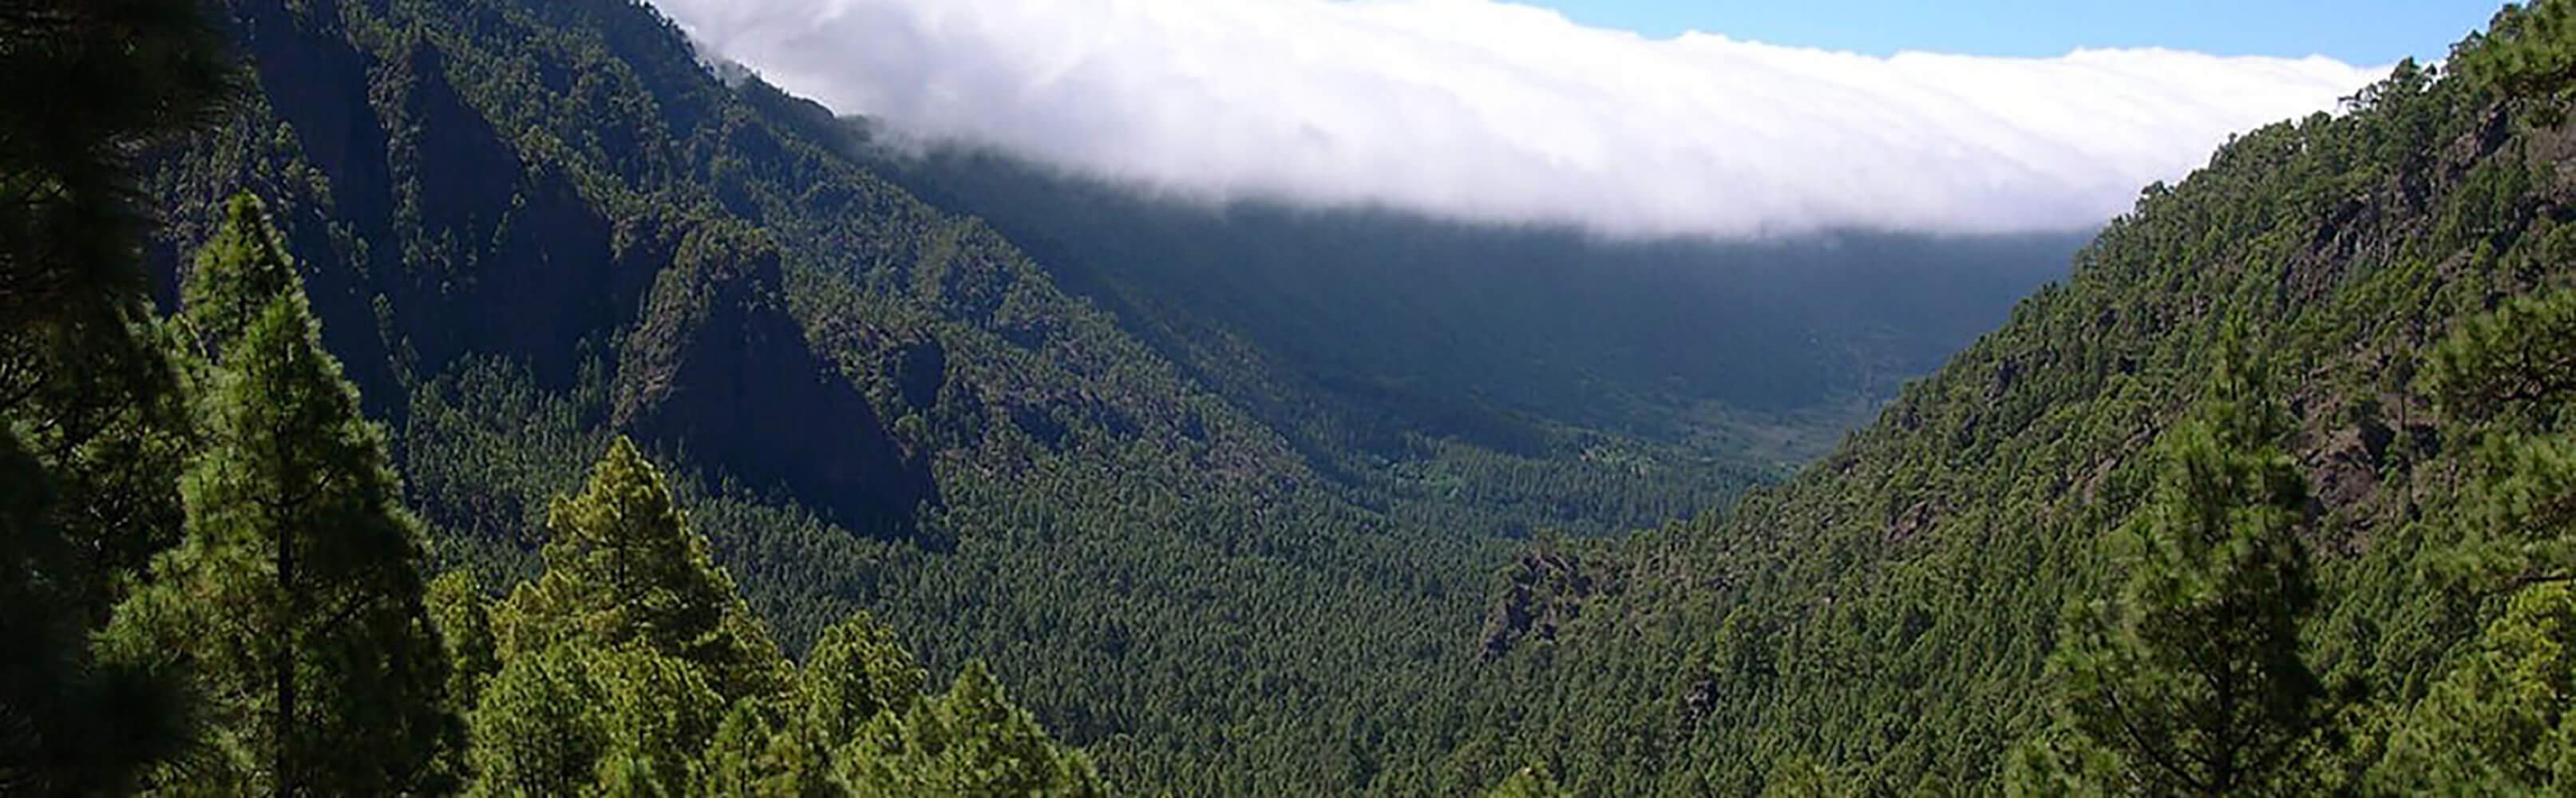 La Palma 1